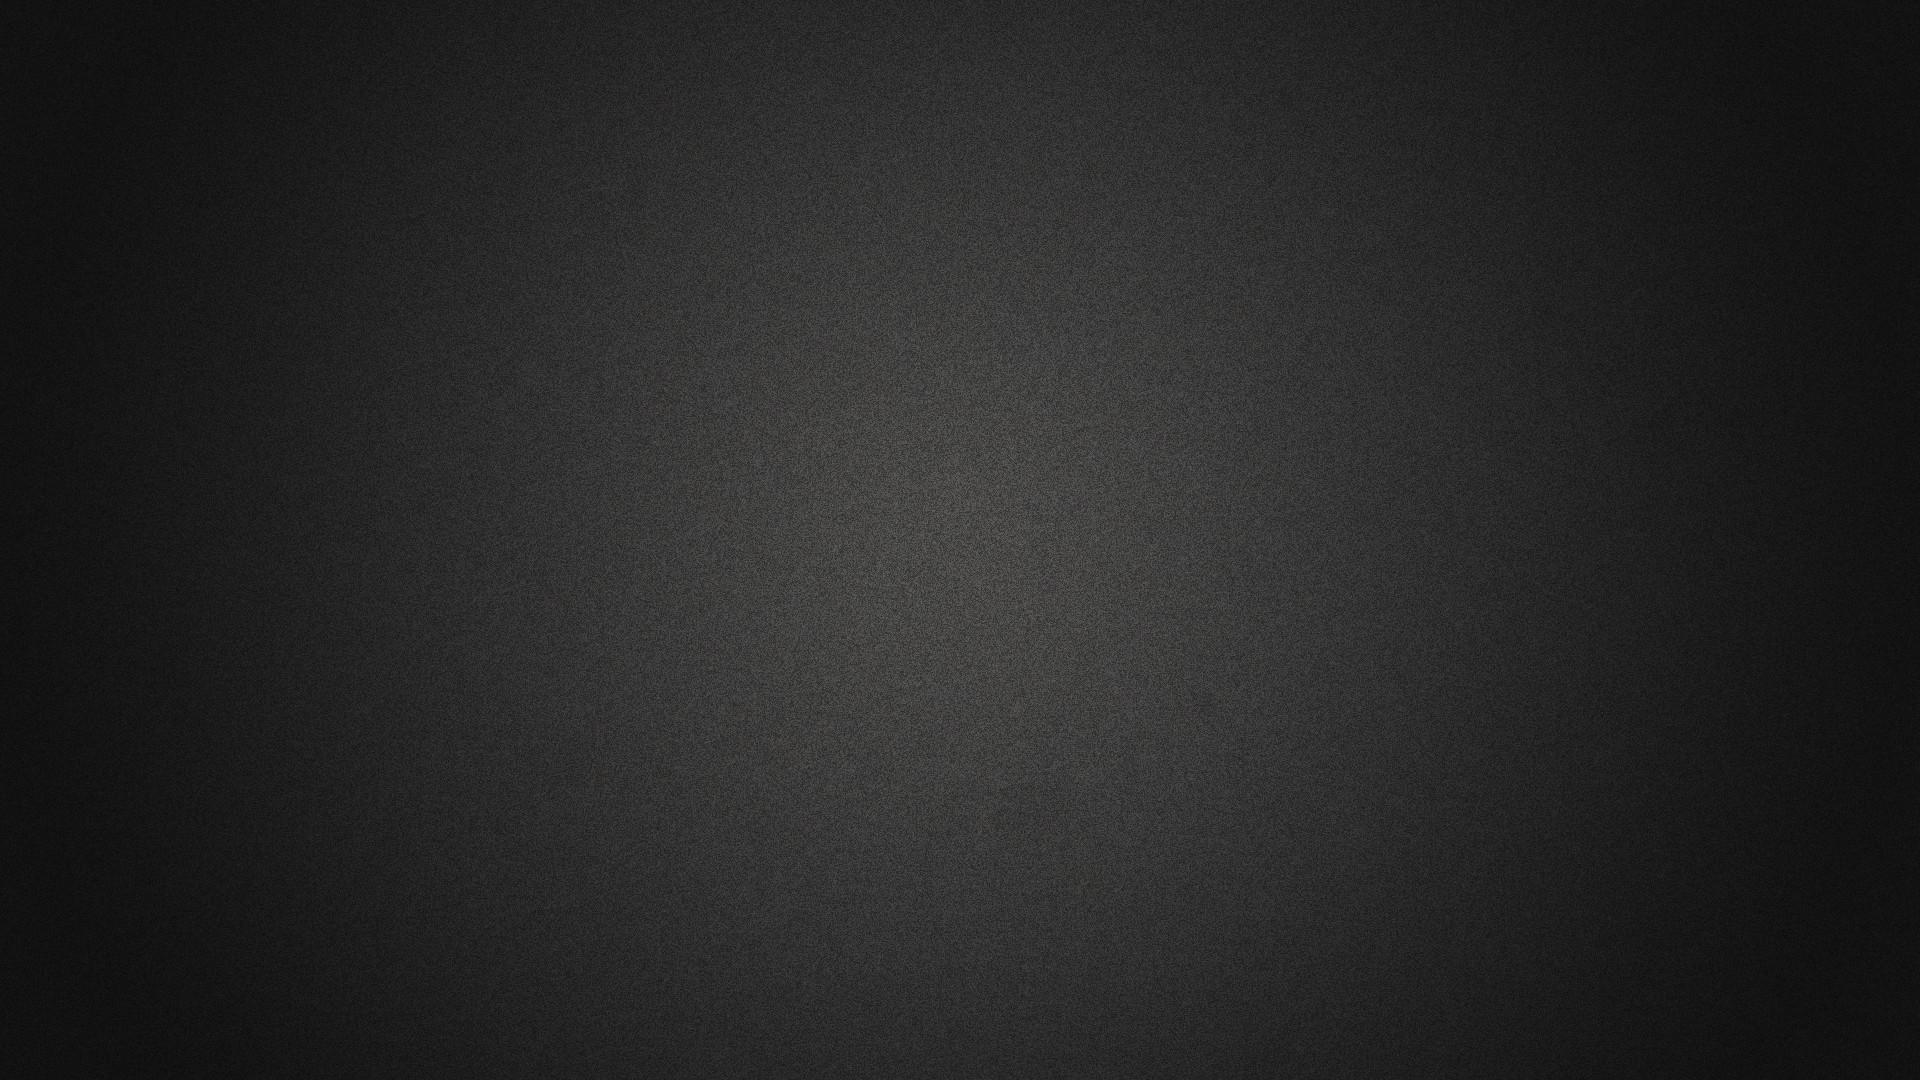 Solid Black Wallpaper 1920x1080 ·① WallpaperTag